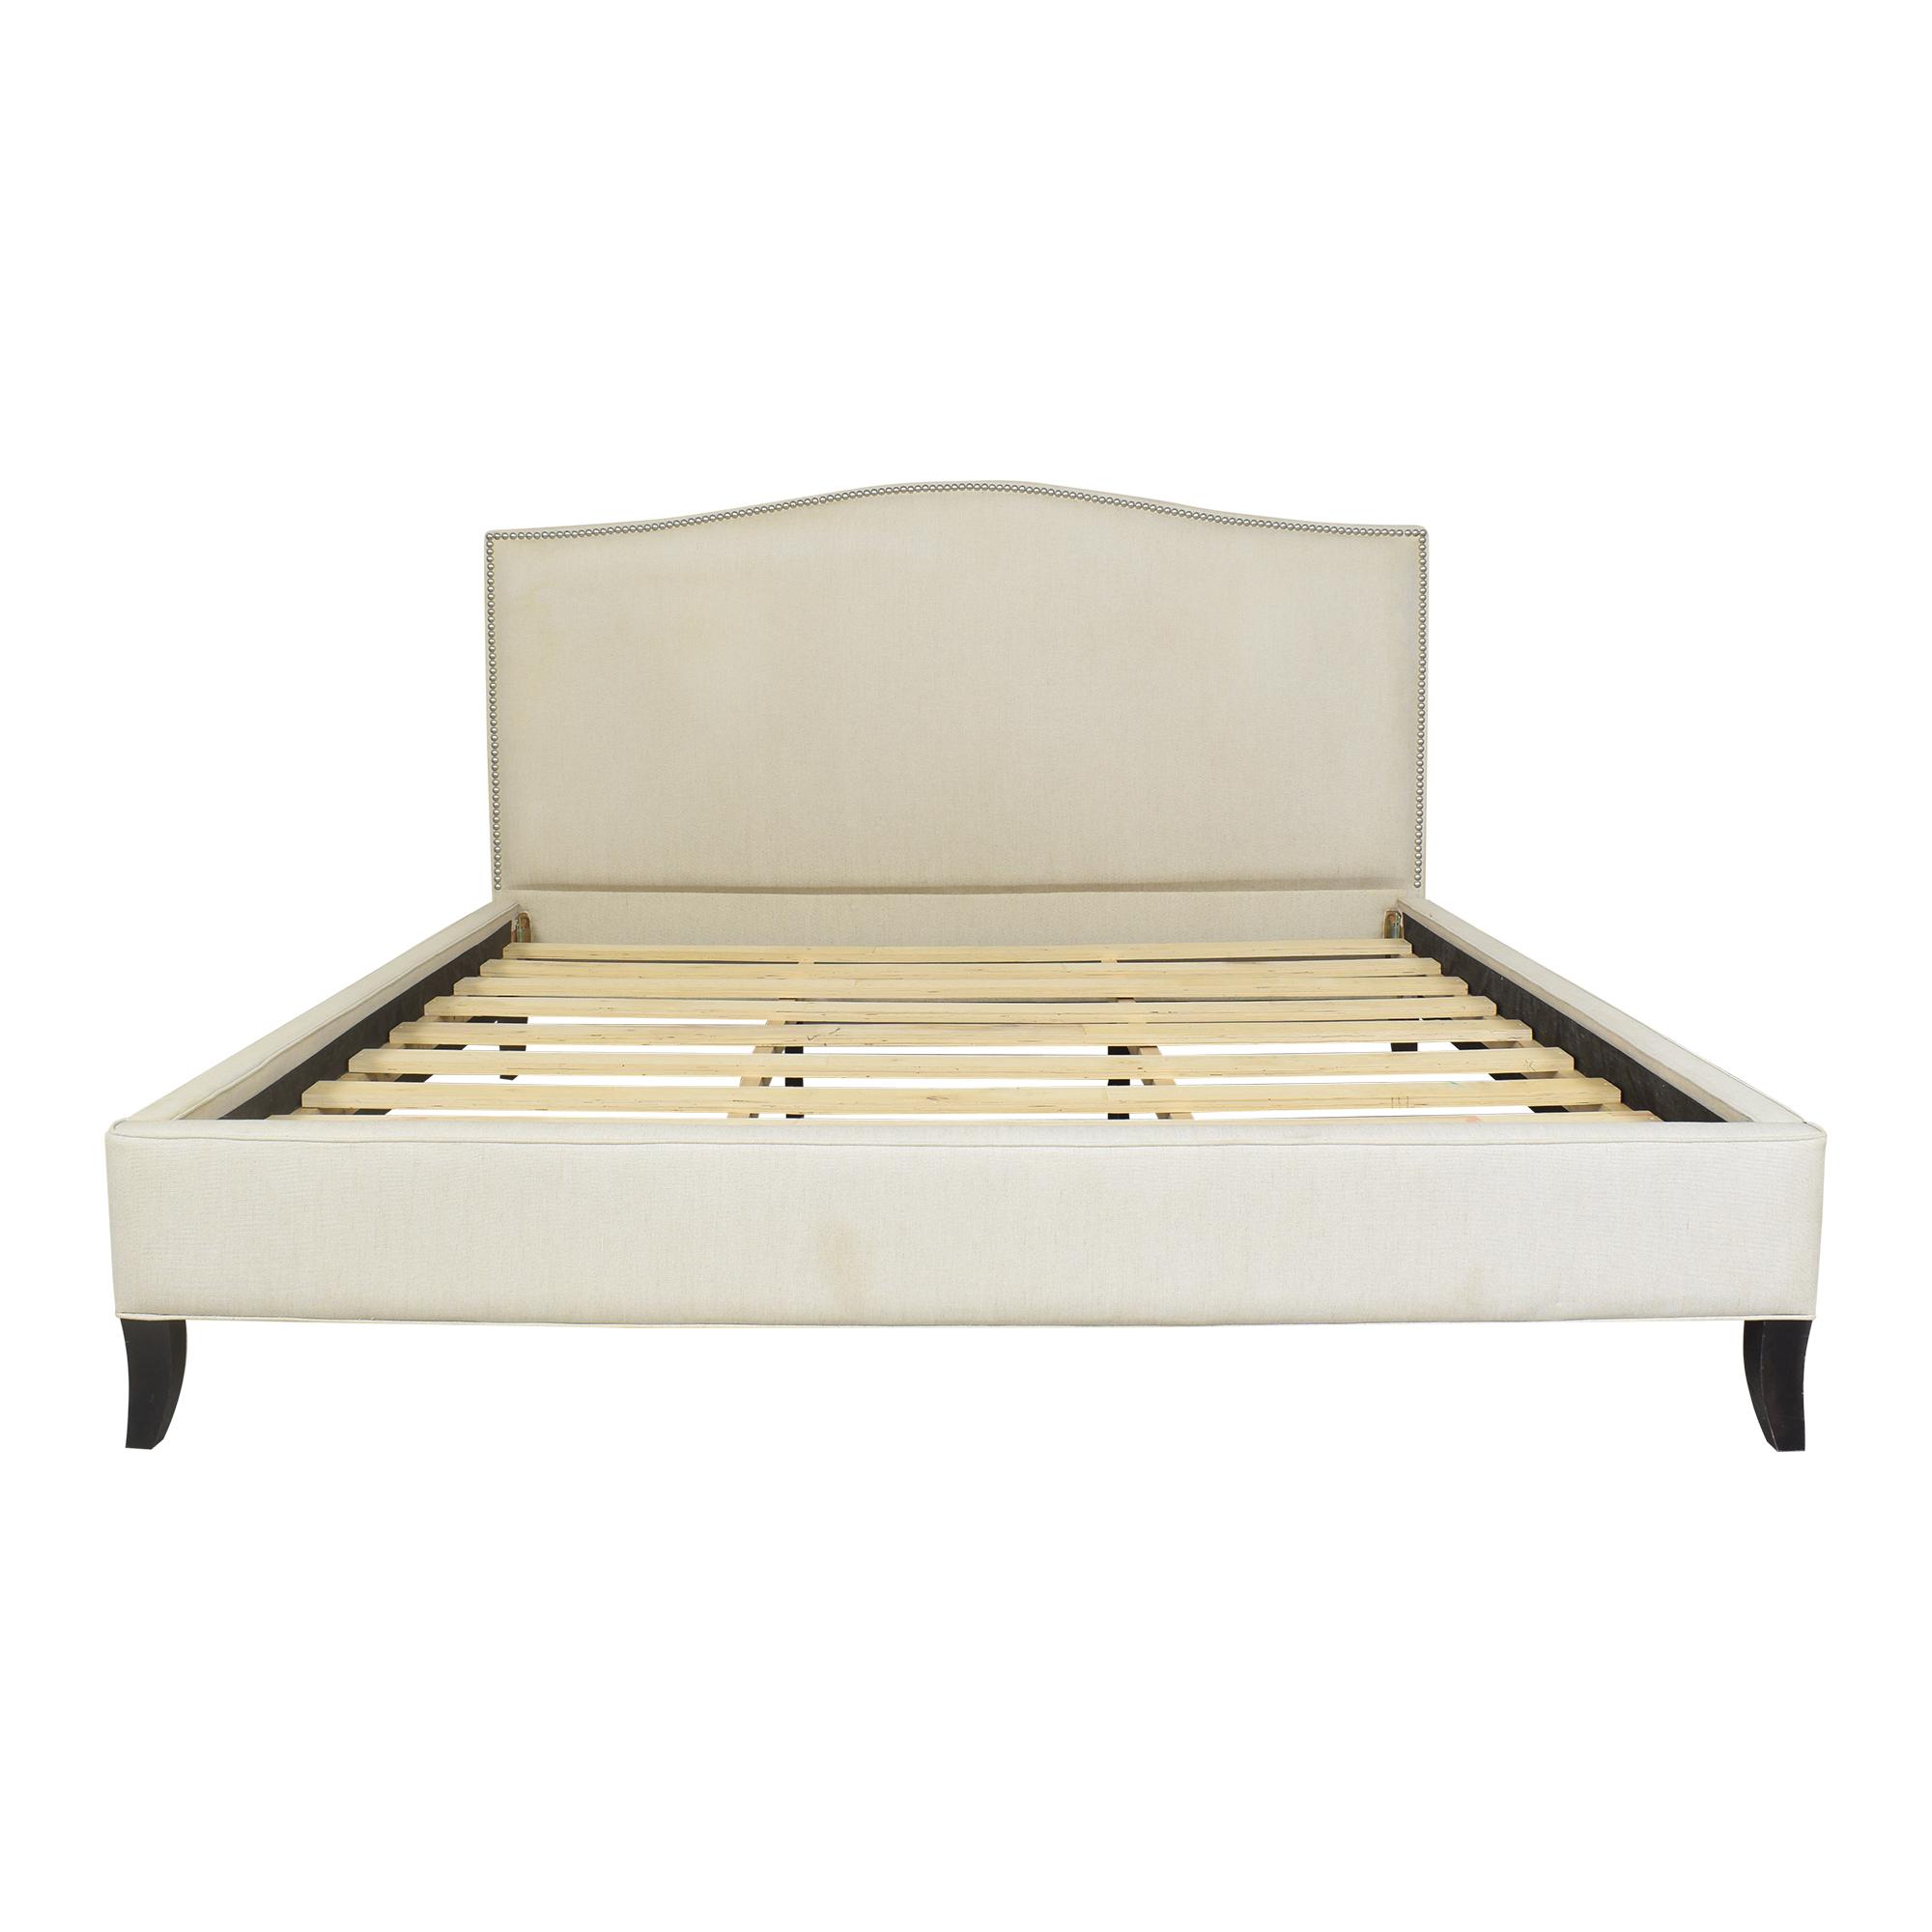 buy Crate & Barrel Colette Upholstered King Bed Crate & Barrel